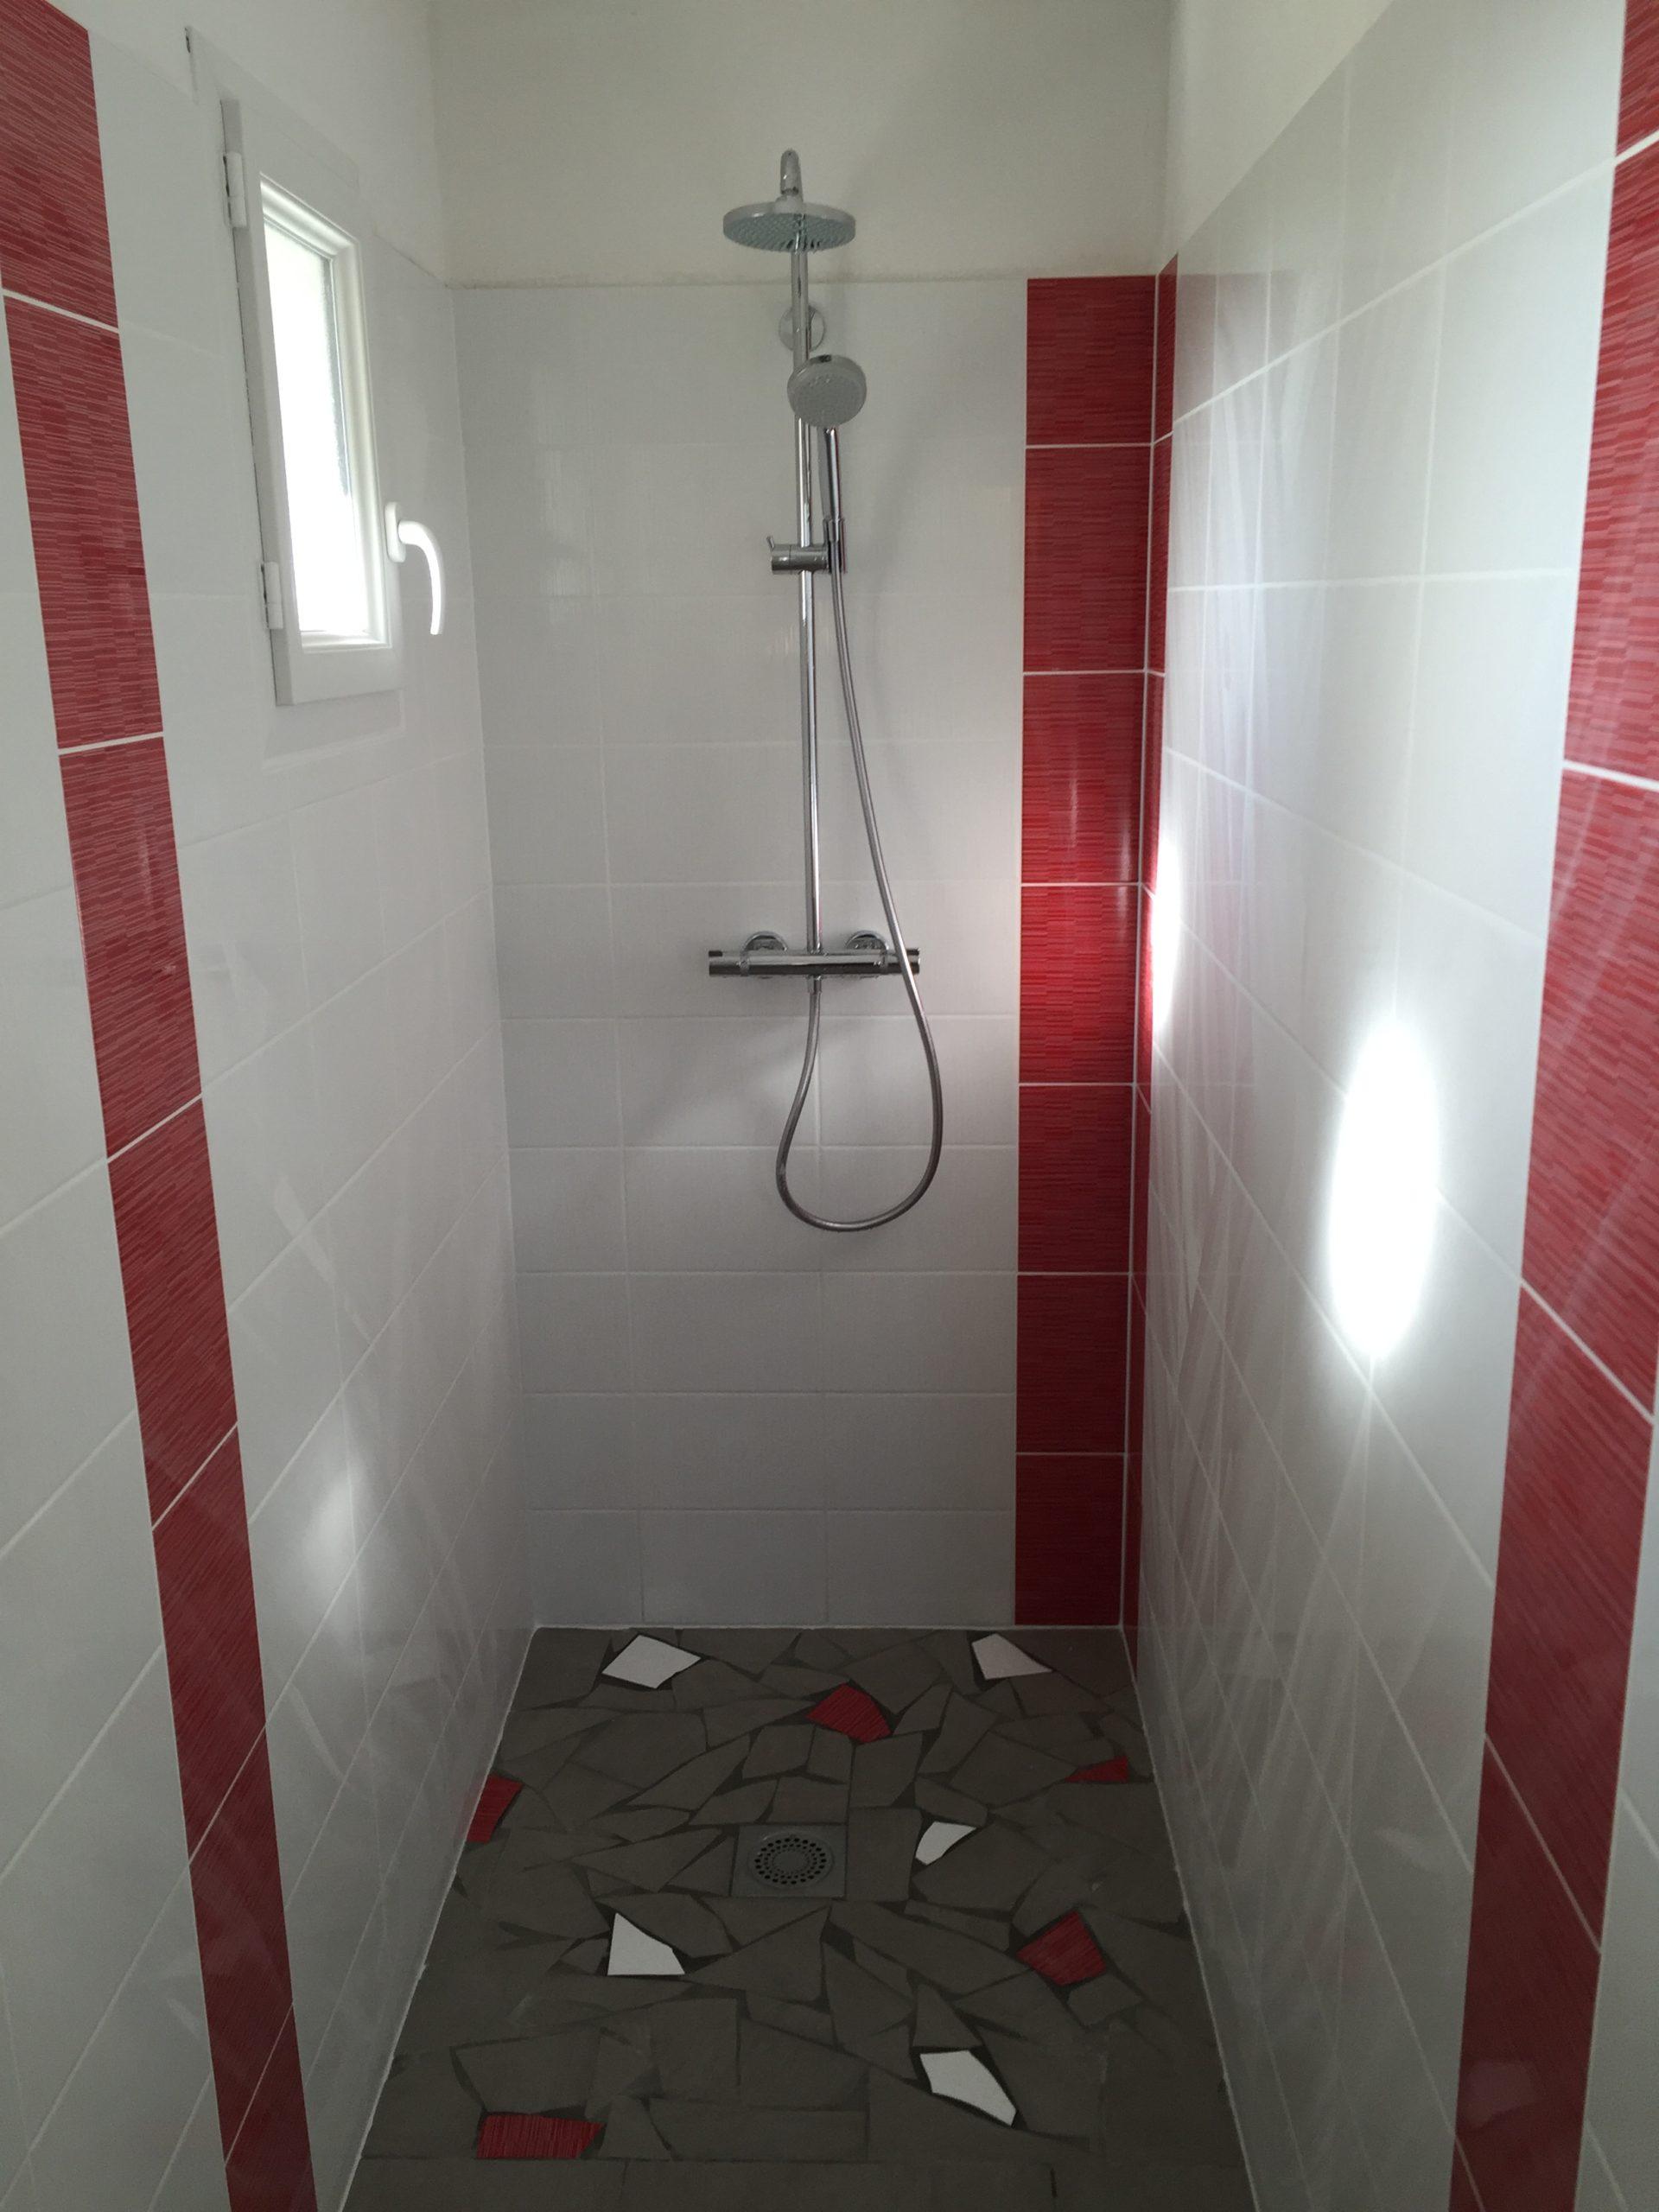 Installation de sanitaires et plomberie à Marmande